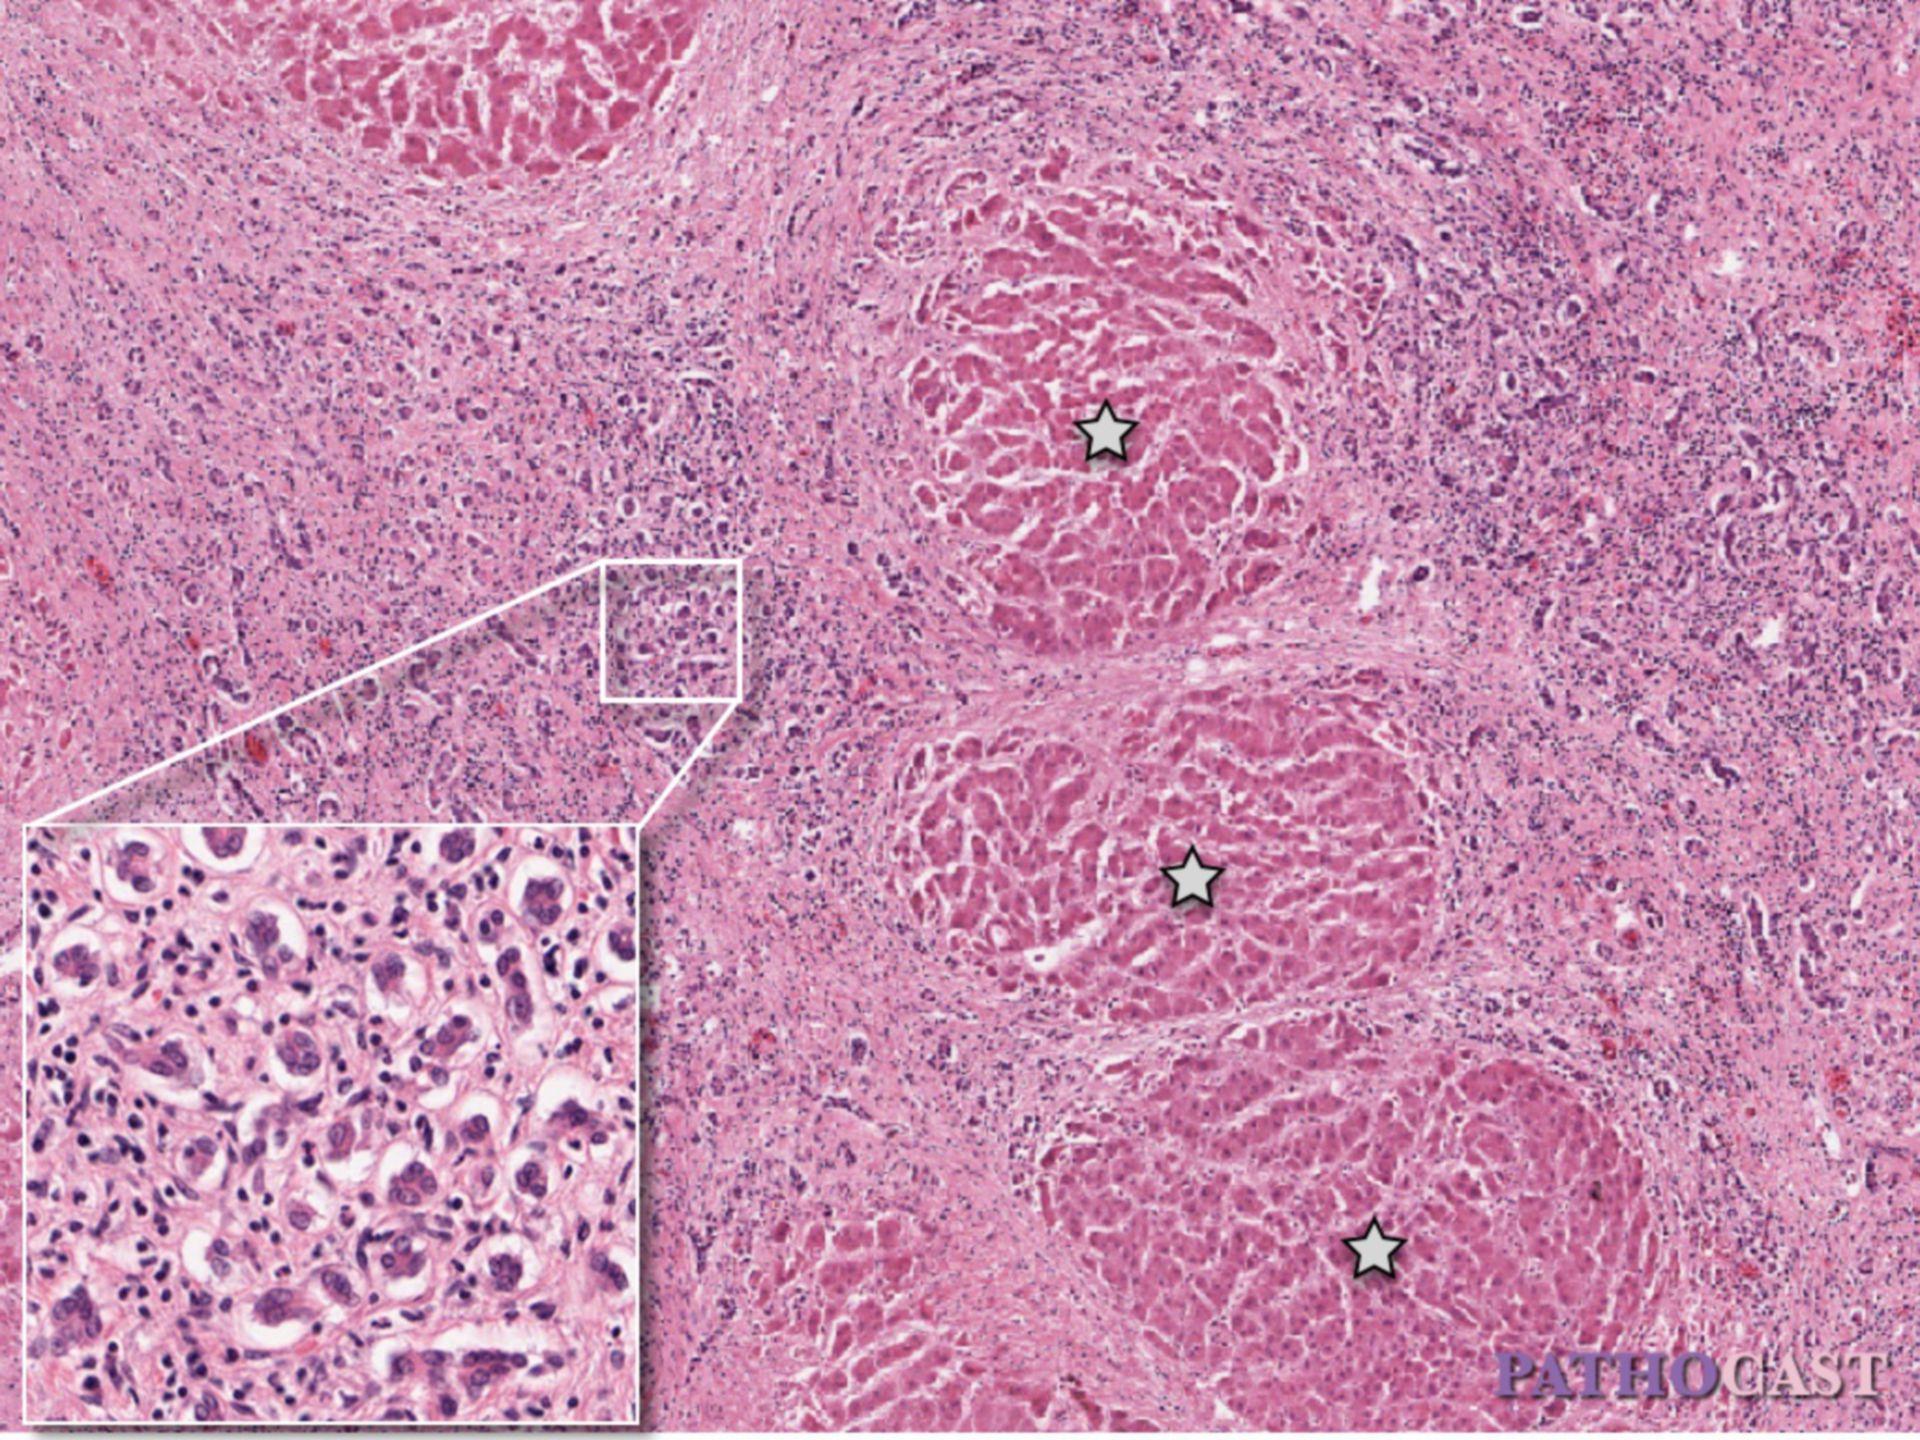 Cirrosi epatica con proliferazioni dotto biliare